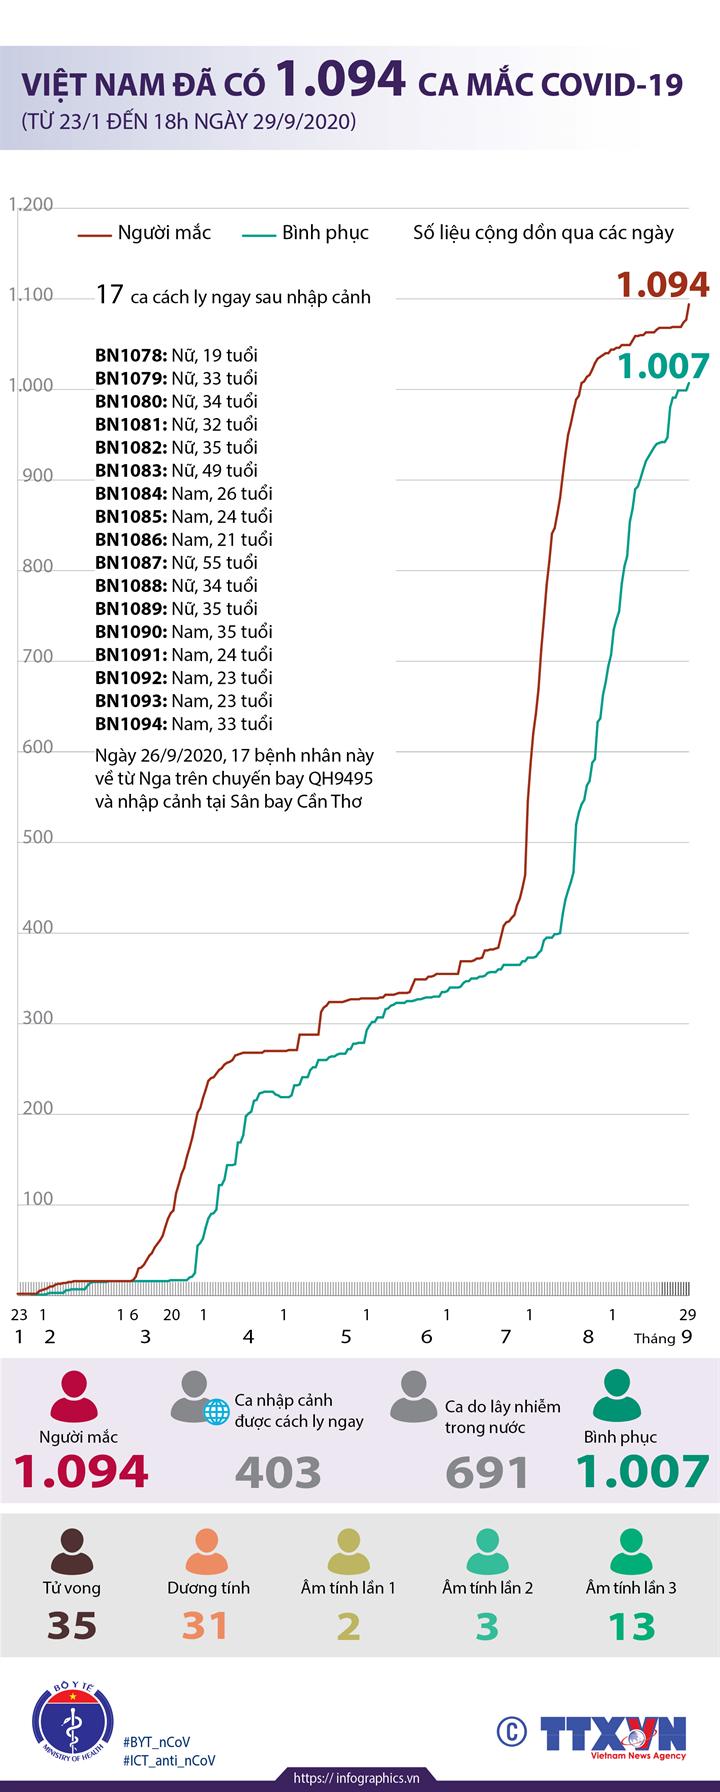 Việt Nam đã có 1.094 ca mắc COVID-19 từ 23/1 đến 18h ngày 29/9/2020)